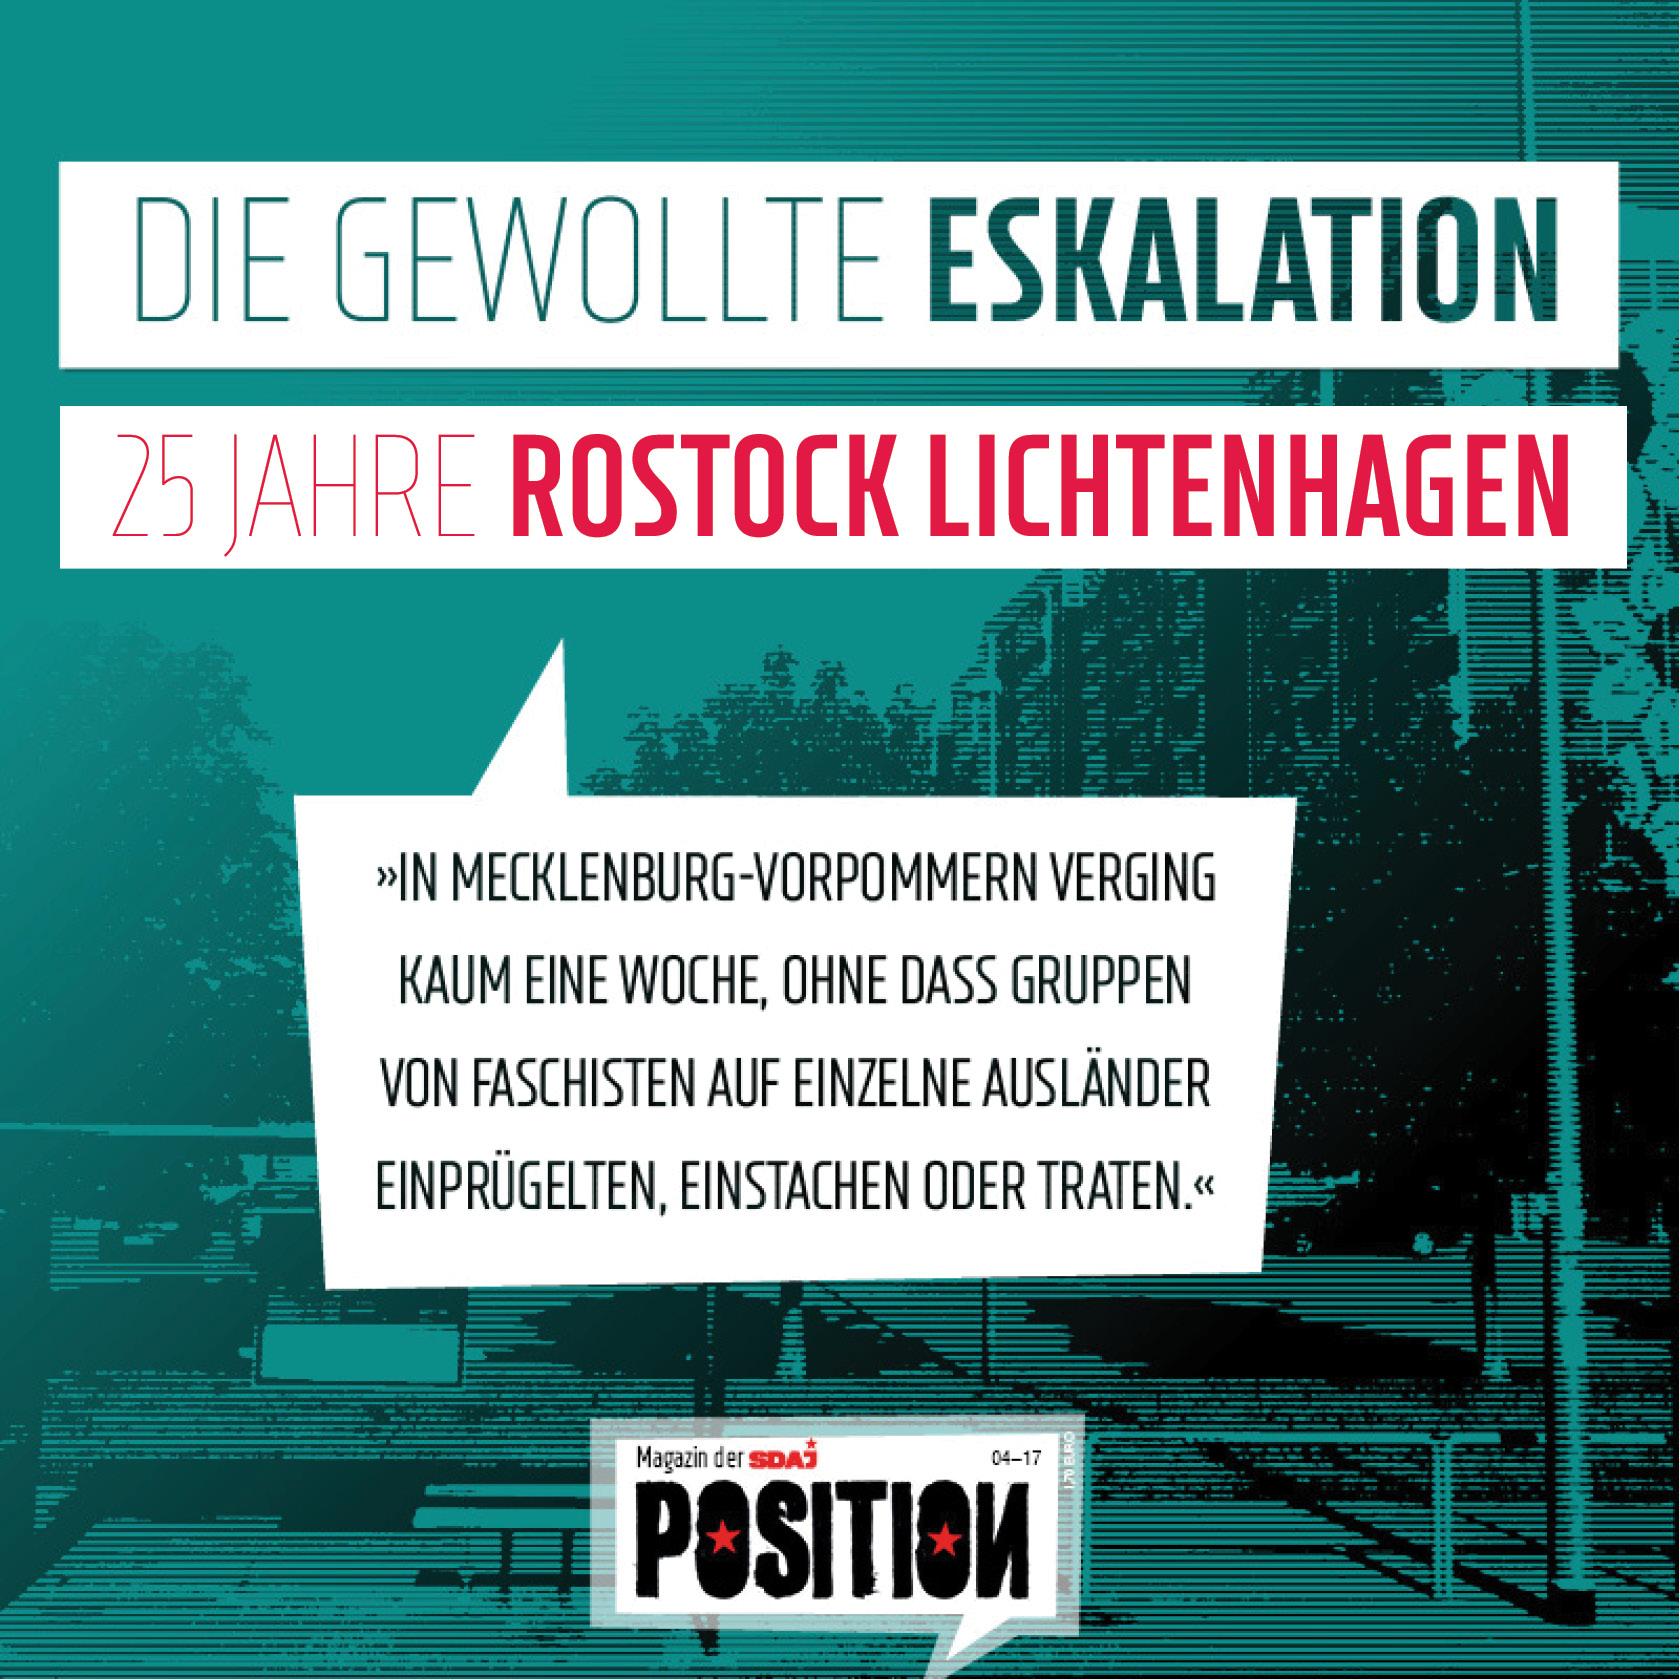 Die gewollte Eskalation –  25 Jahre Rostock-Lichtenhagen